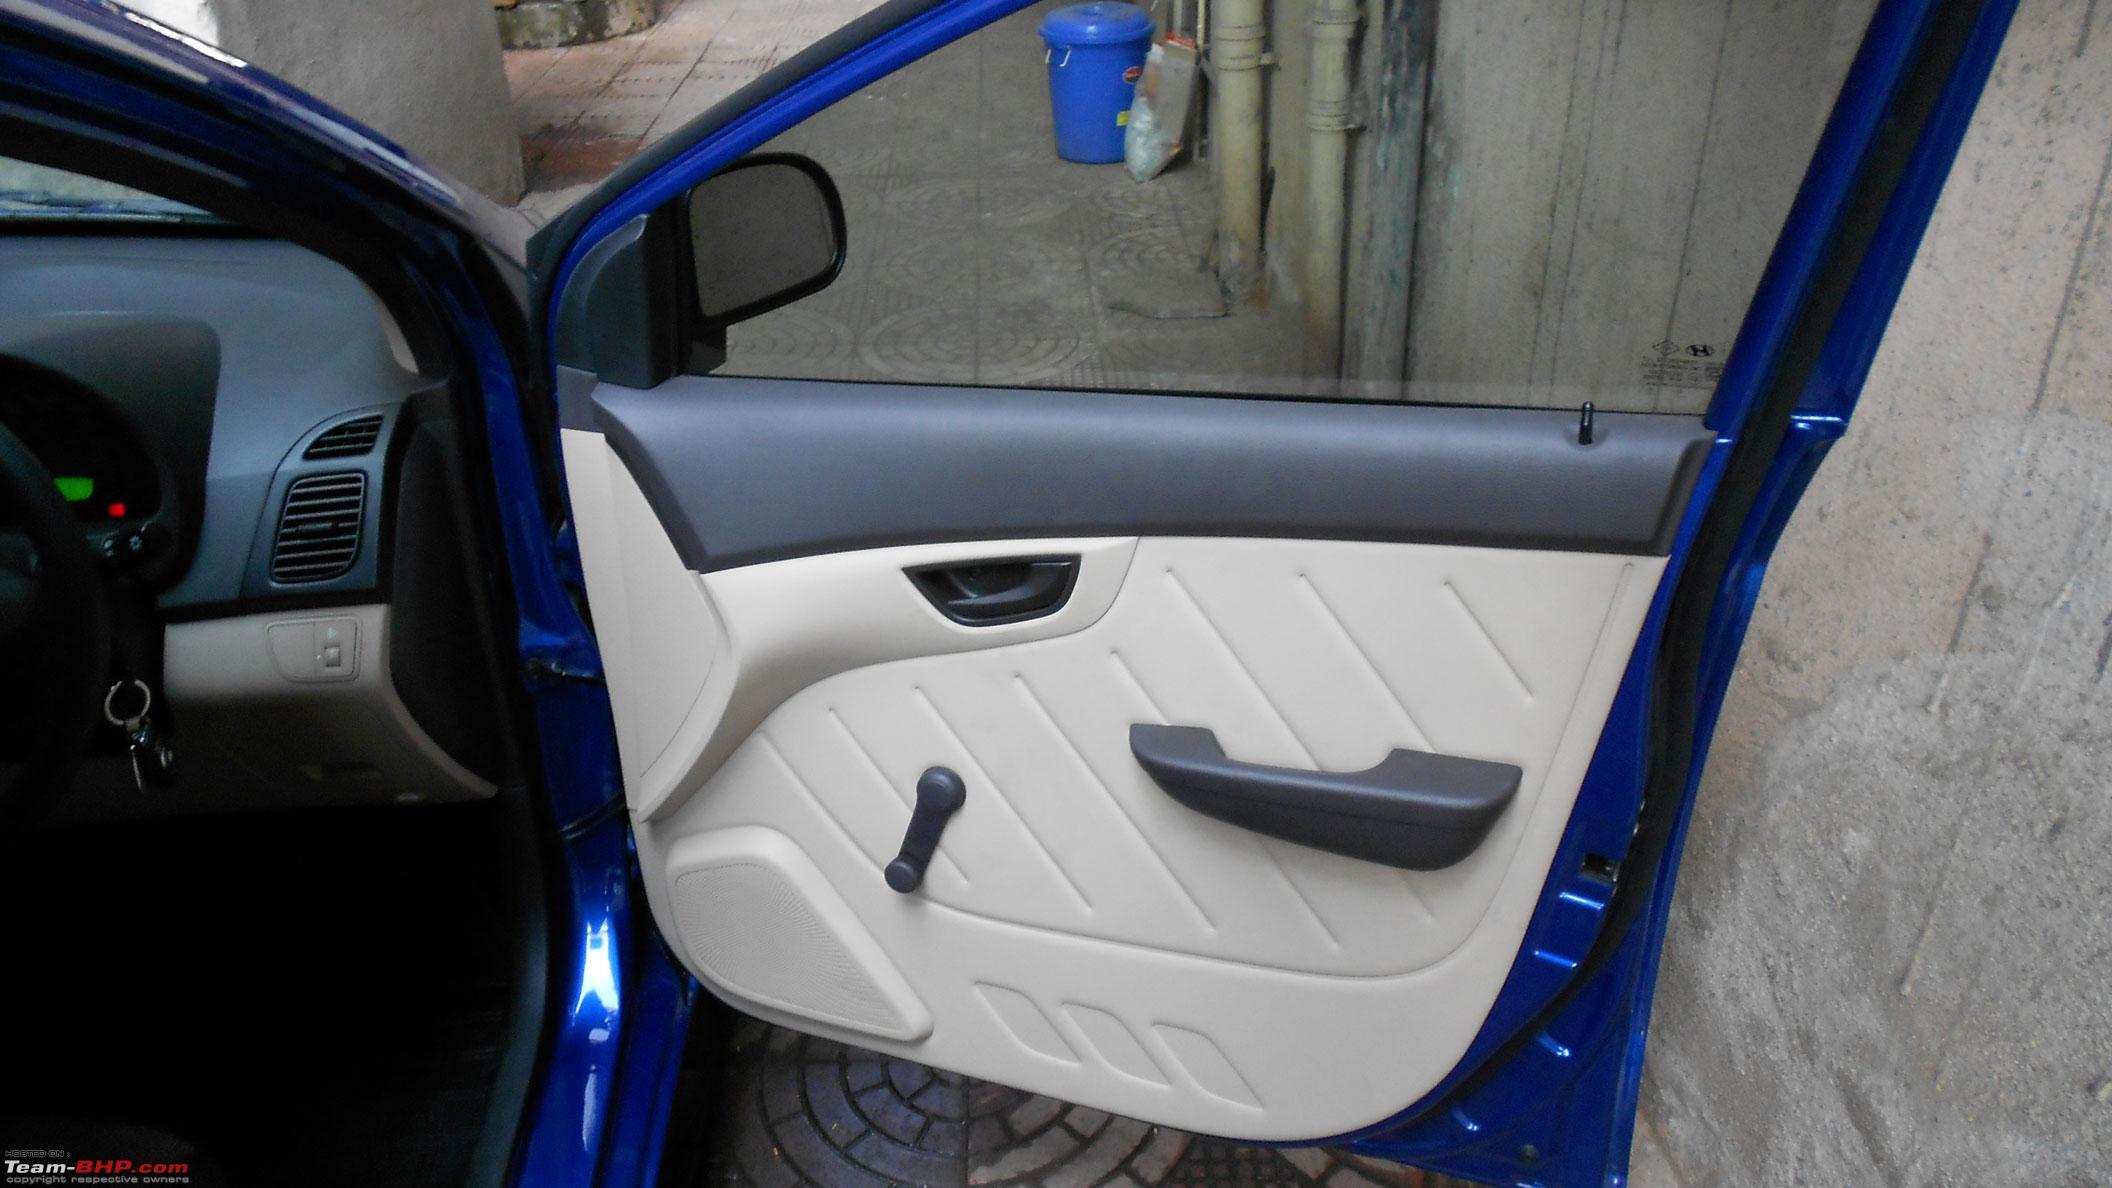 The Blue Hyundai Eon Comes Home Team Bhp